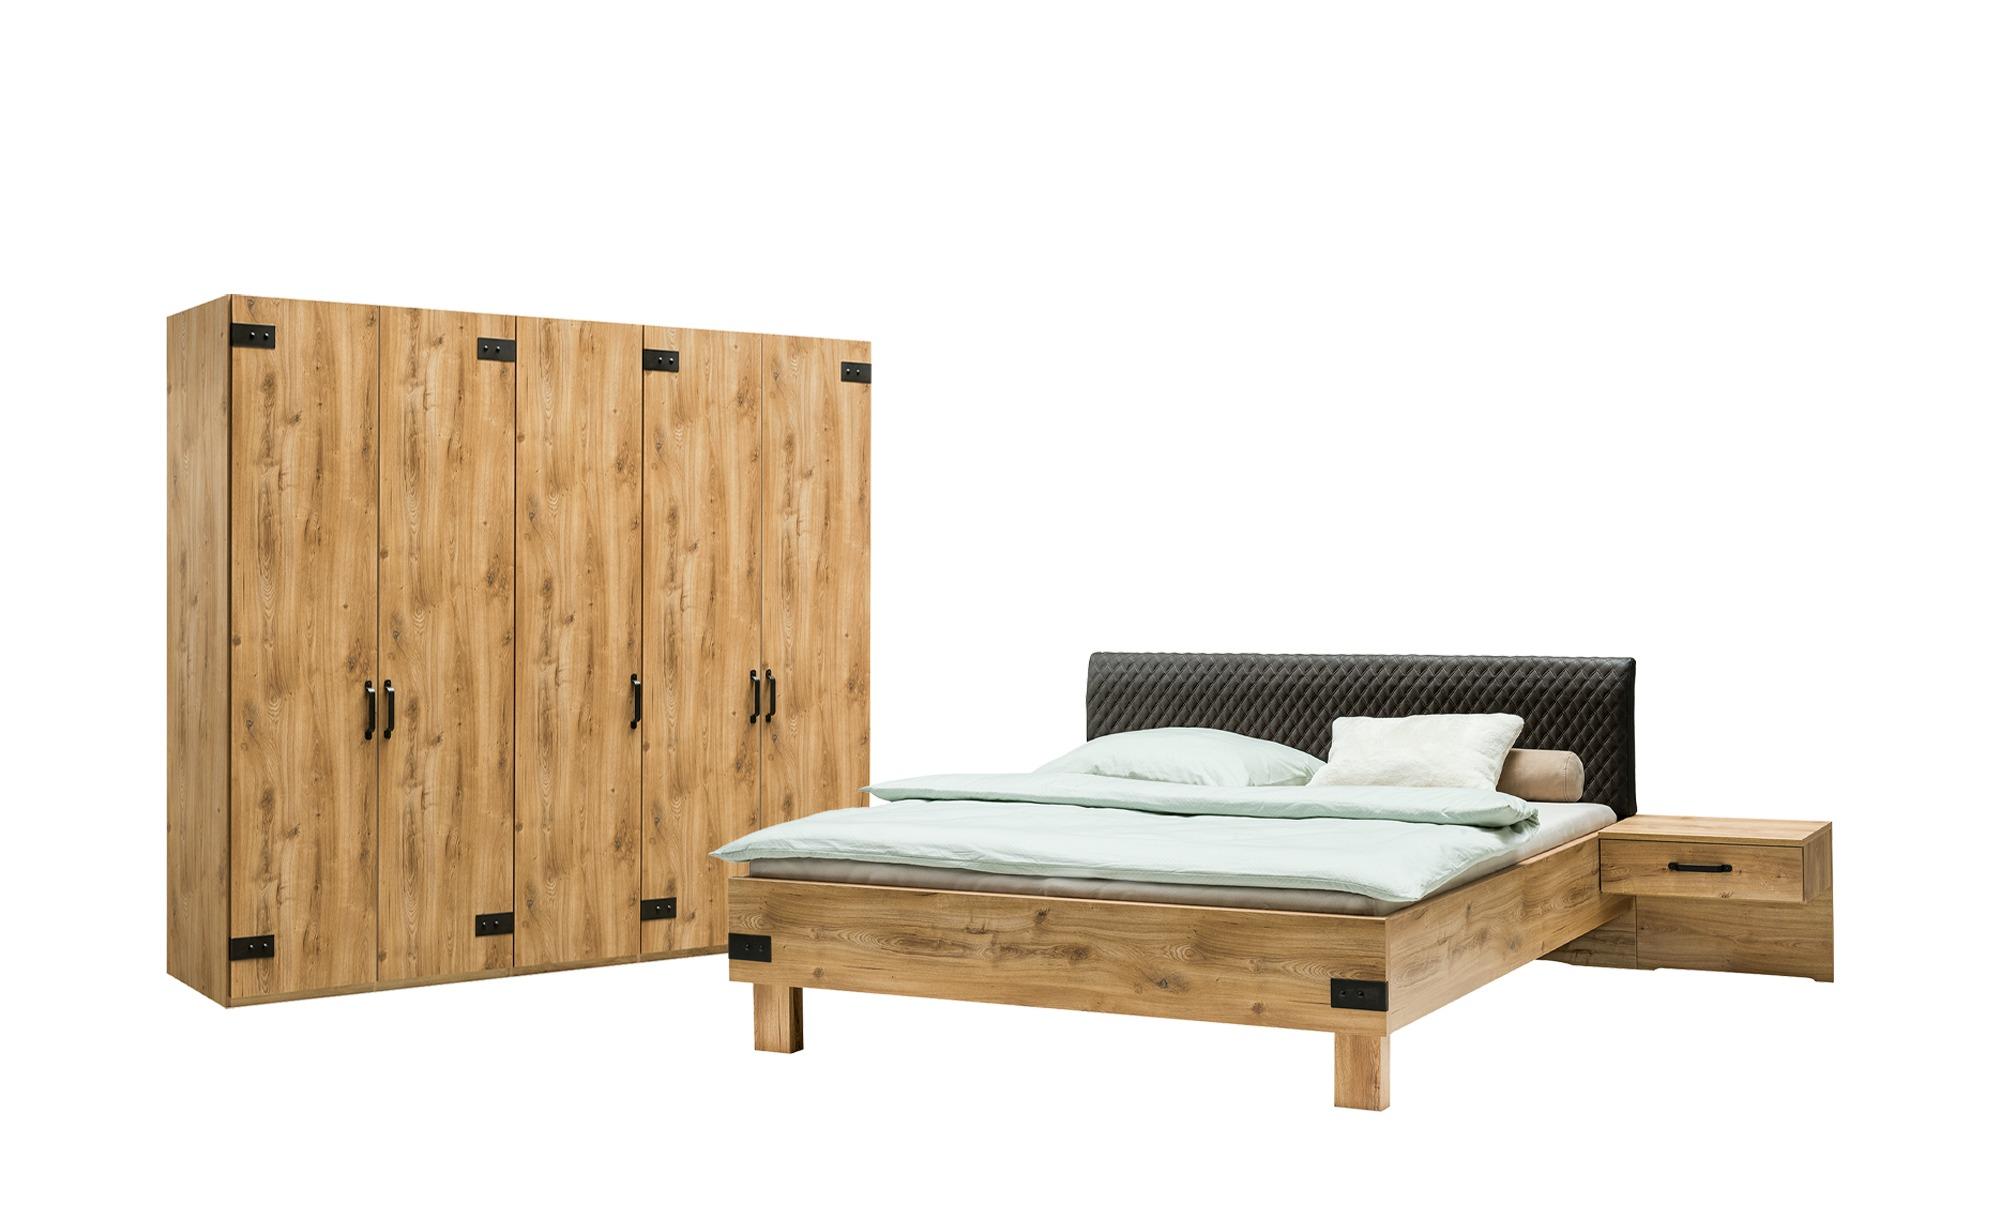 uno Komplett-Schlafzimmer, 4-teilig  Salzburg ¦ holzfarben Komplett-Schlafz günstig online kaufen